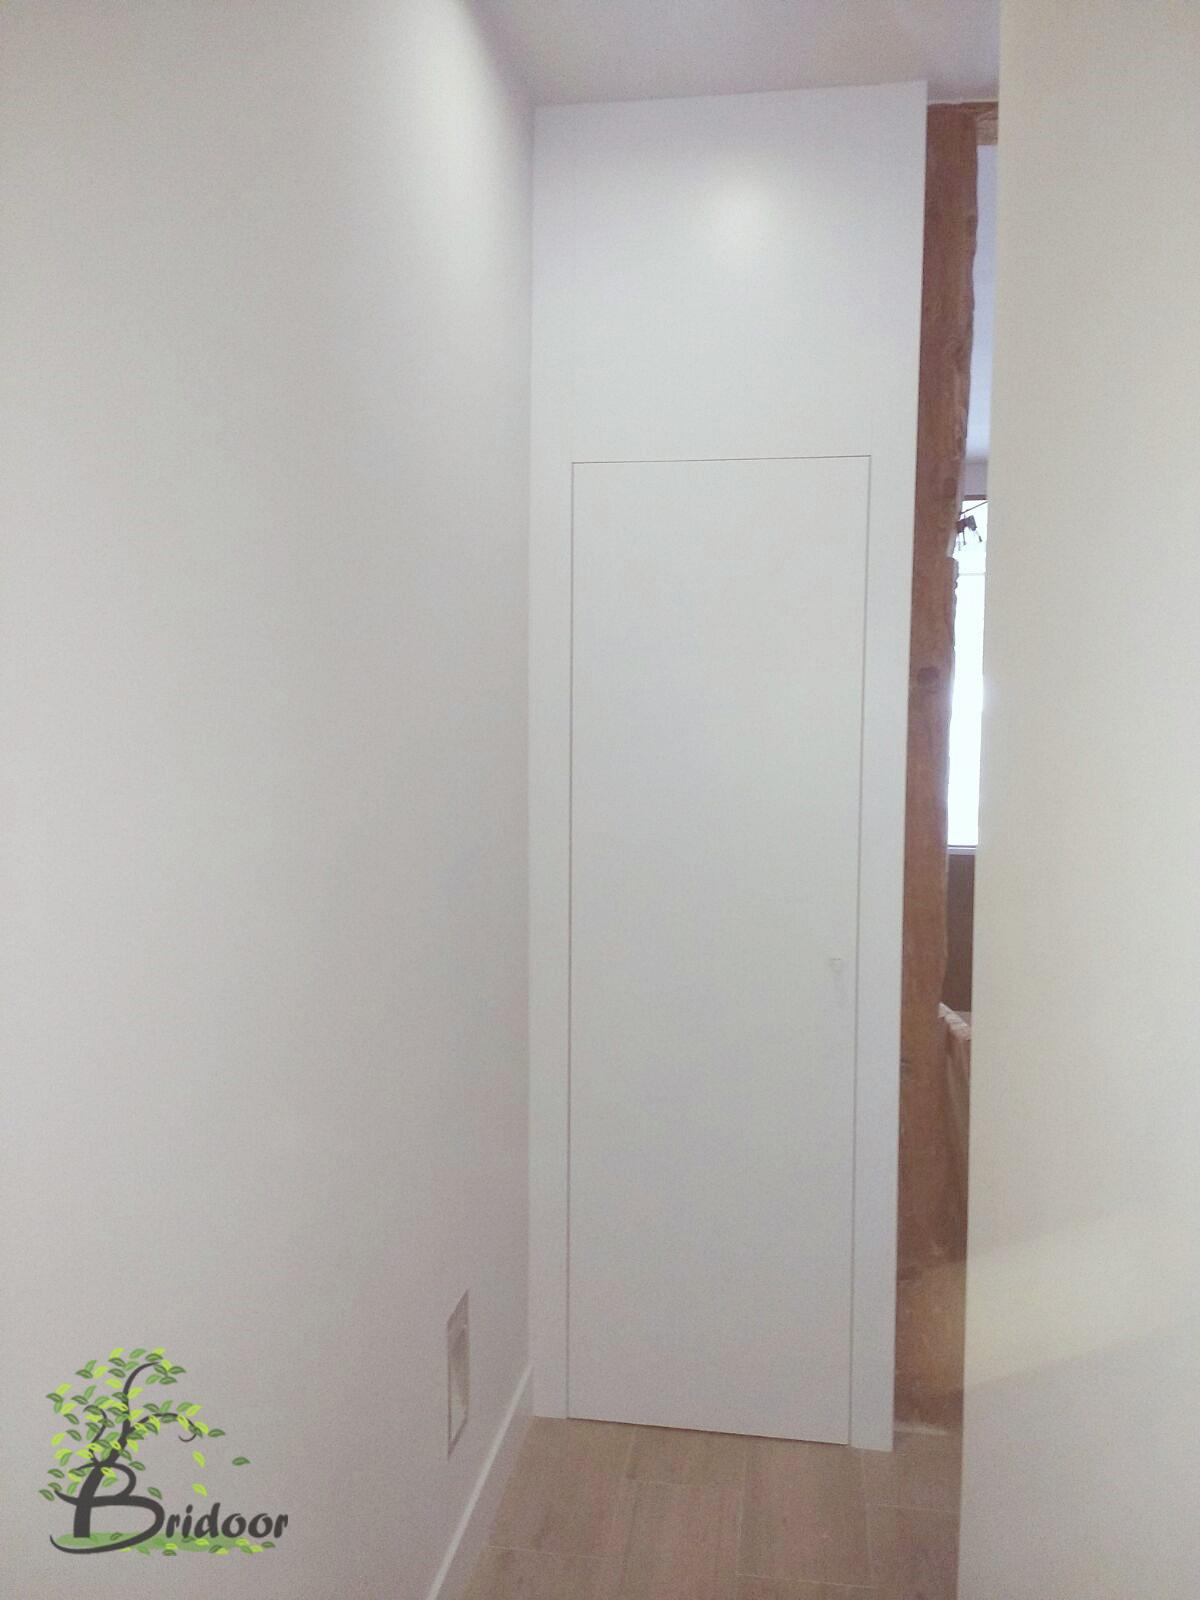 Bridoor s l vivienda lacada con puertas y armarios en c - Puertas hasta el techo ...